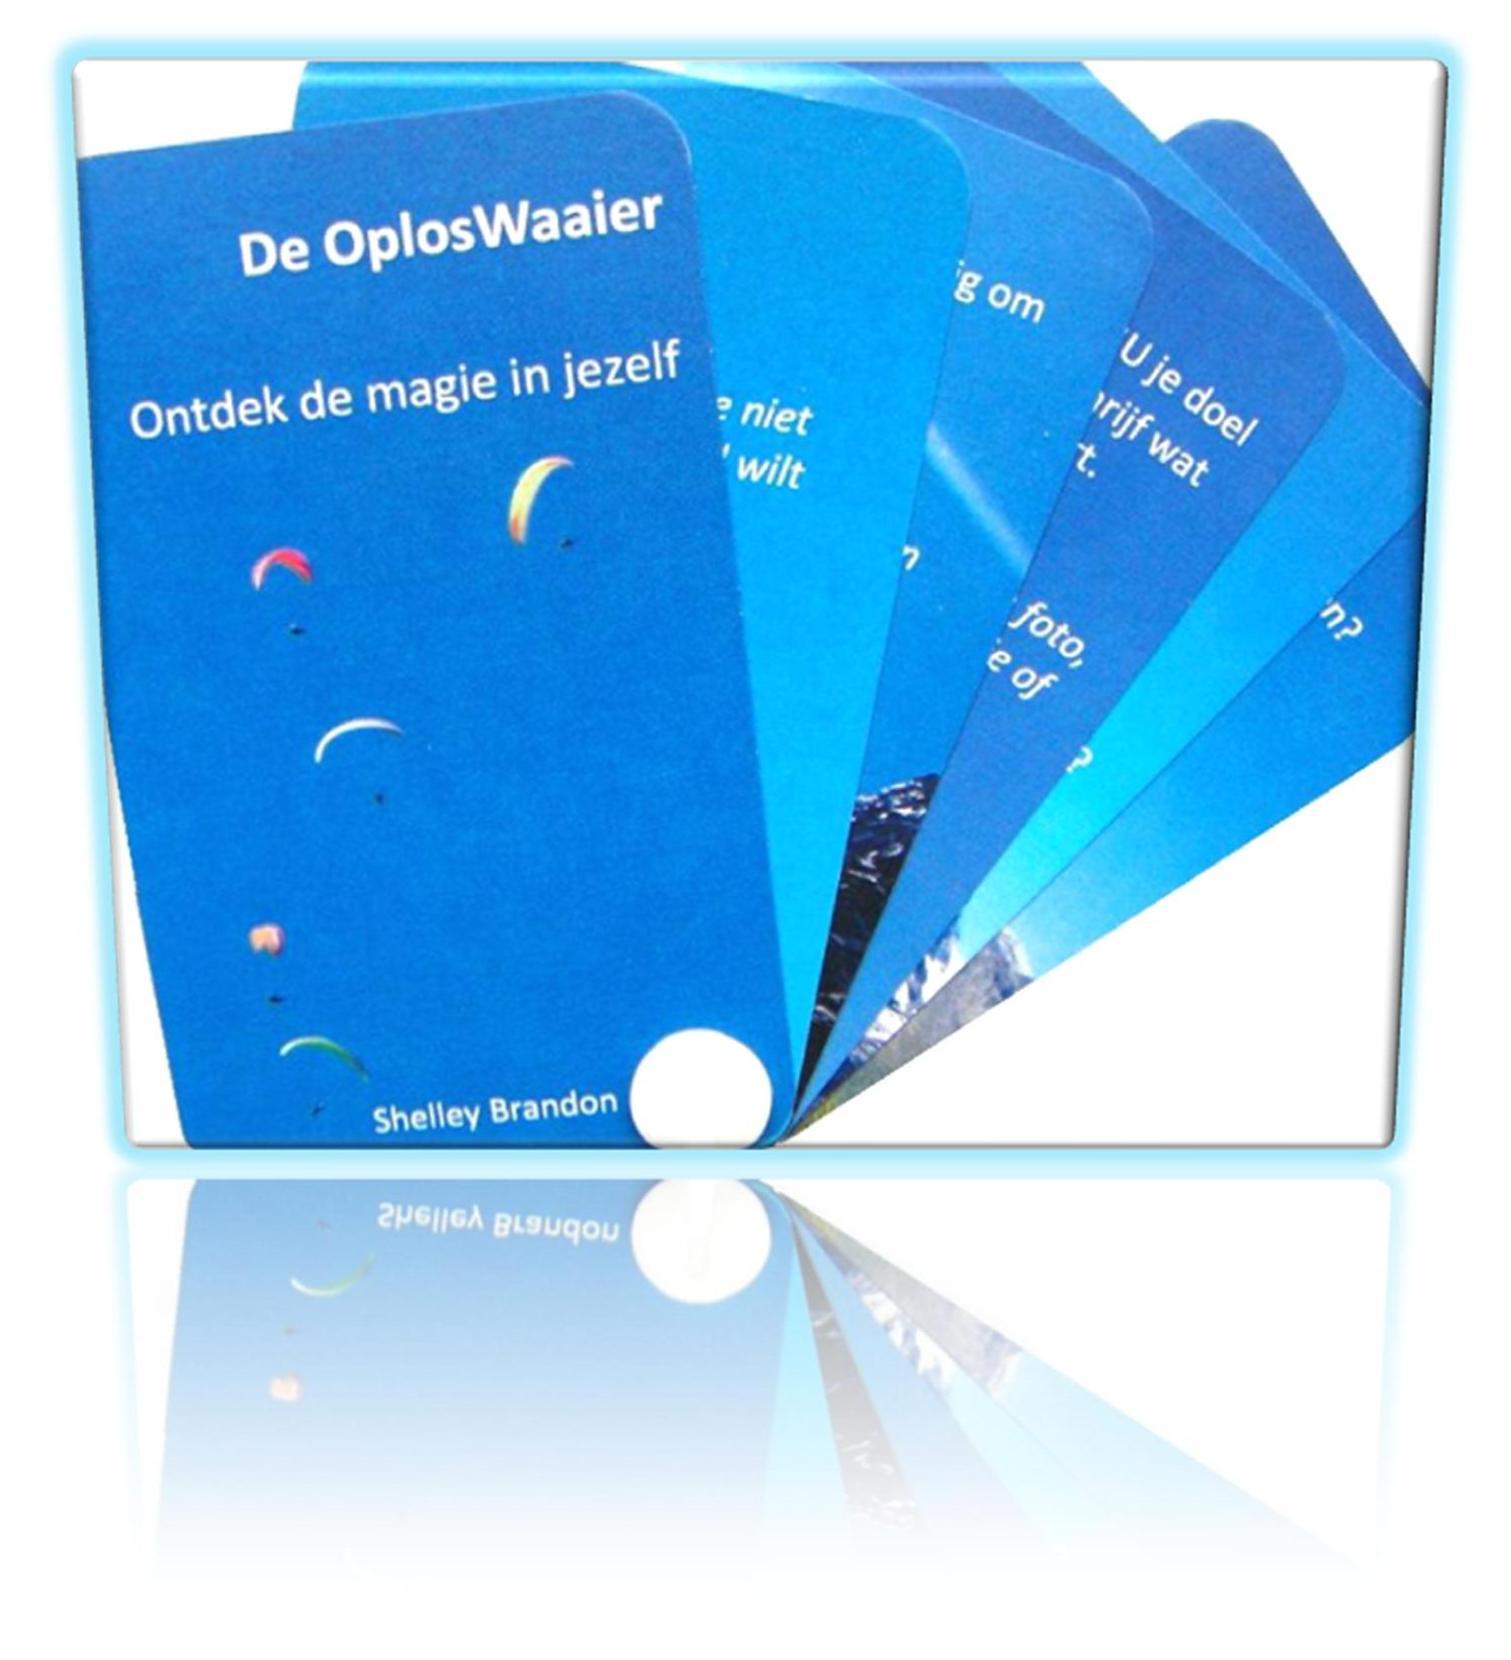 OplosWaaier site